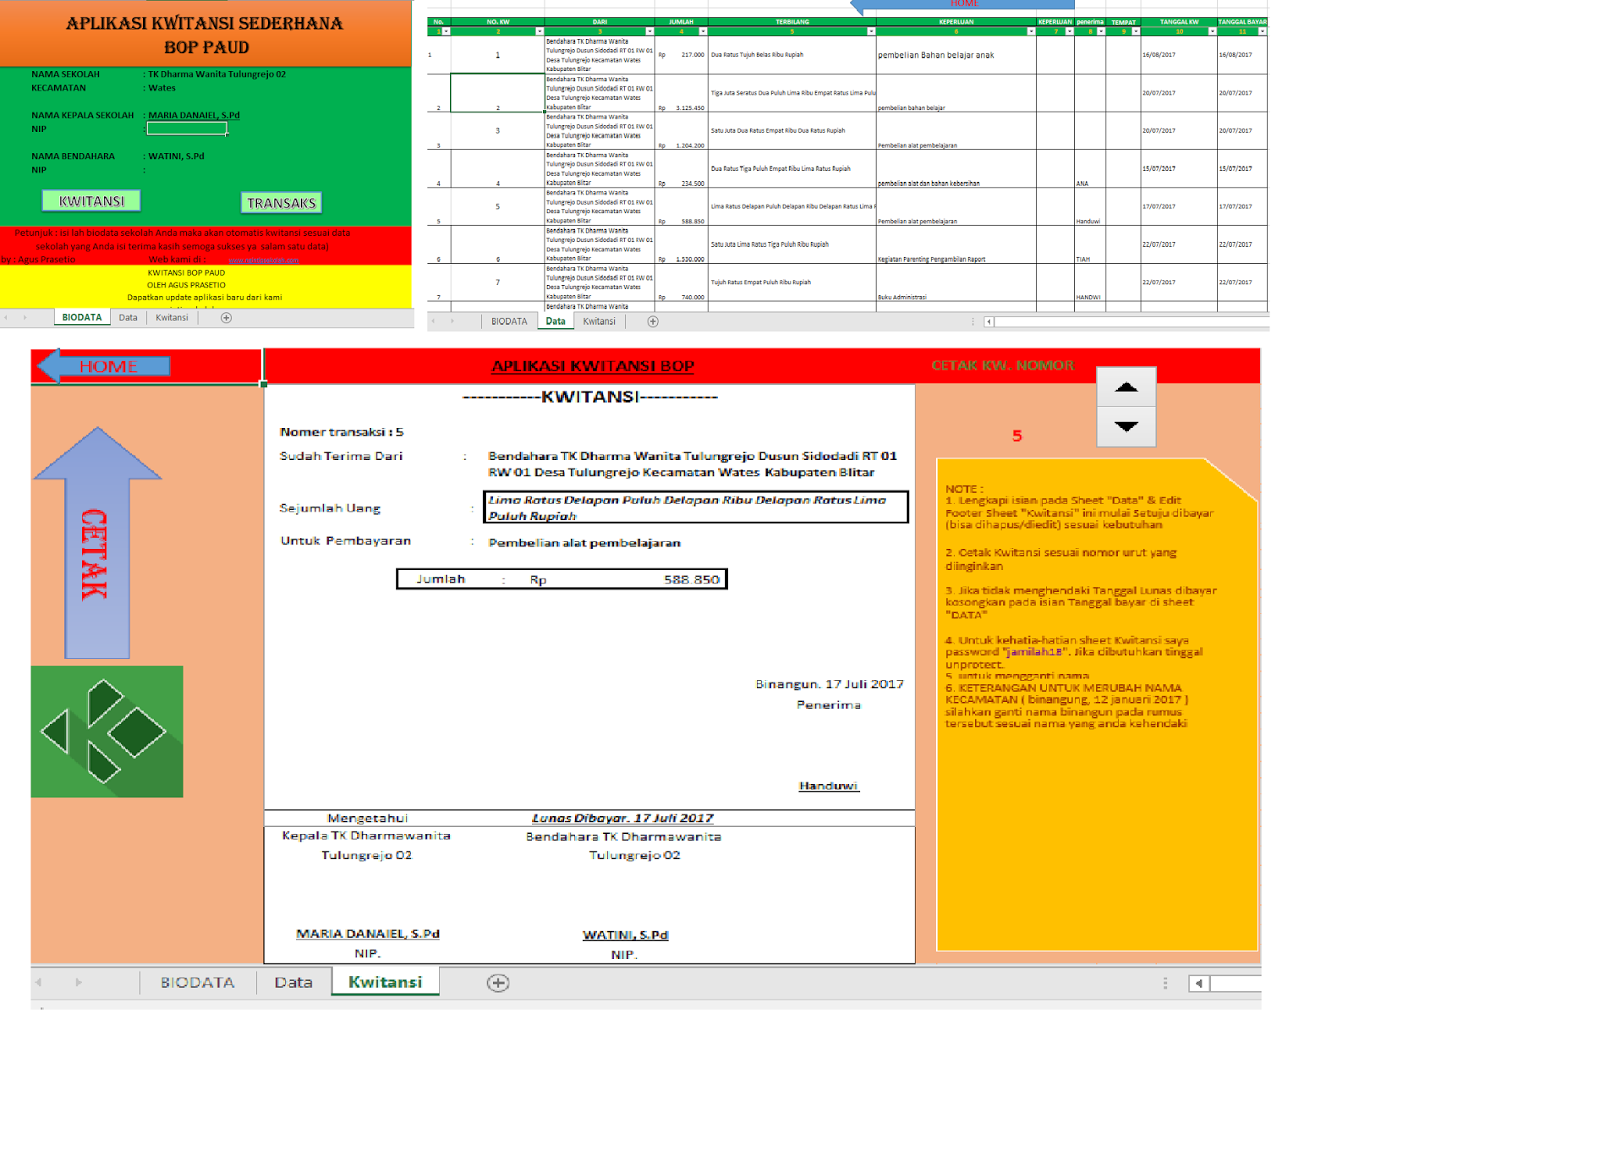 Update Format Laporan Bop Paud Tk Dan Kwitansi Cetak